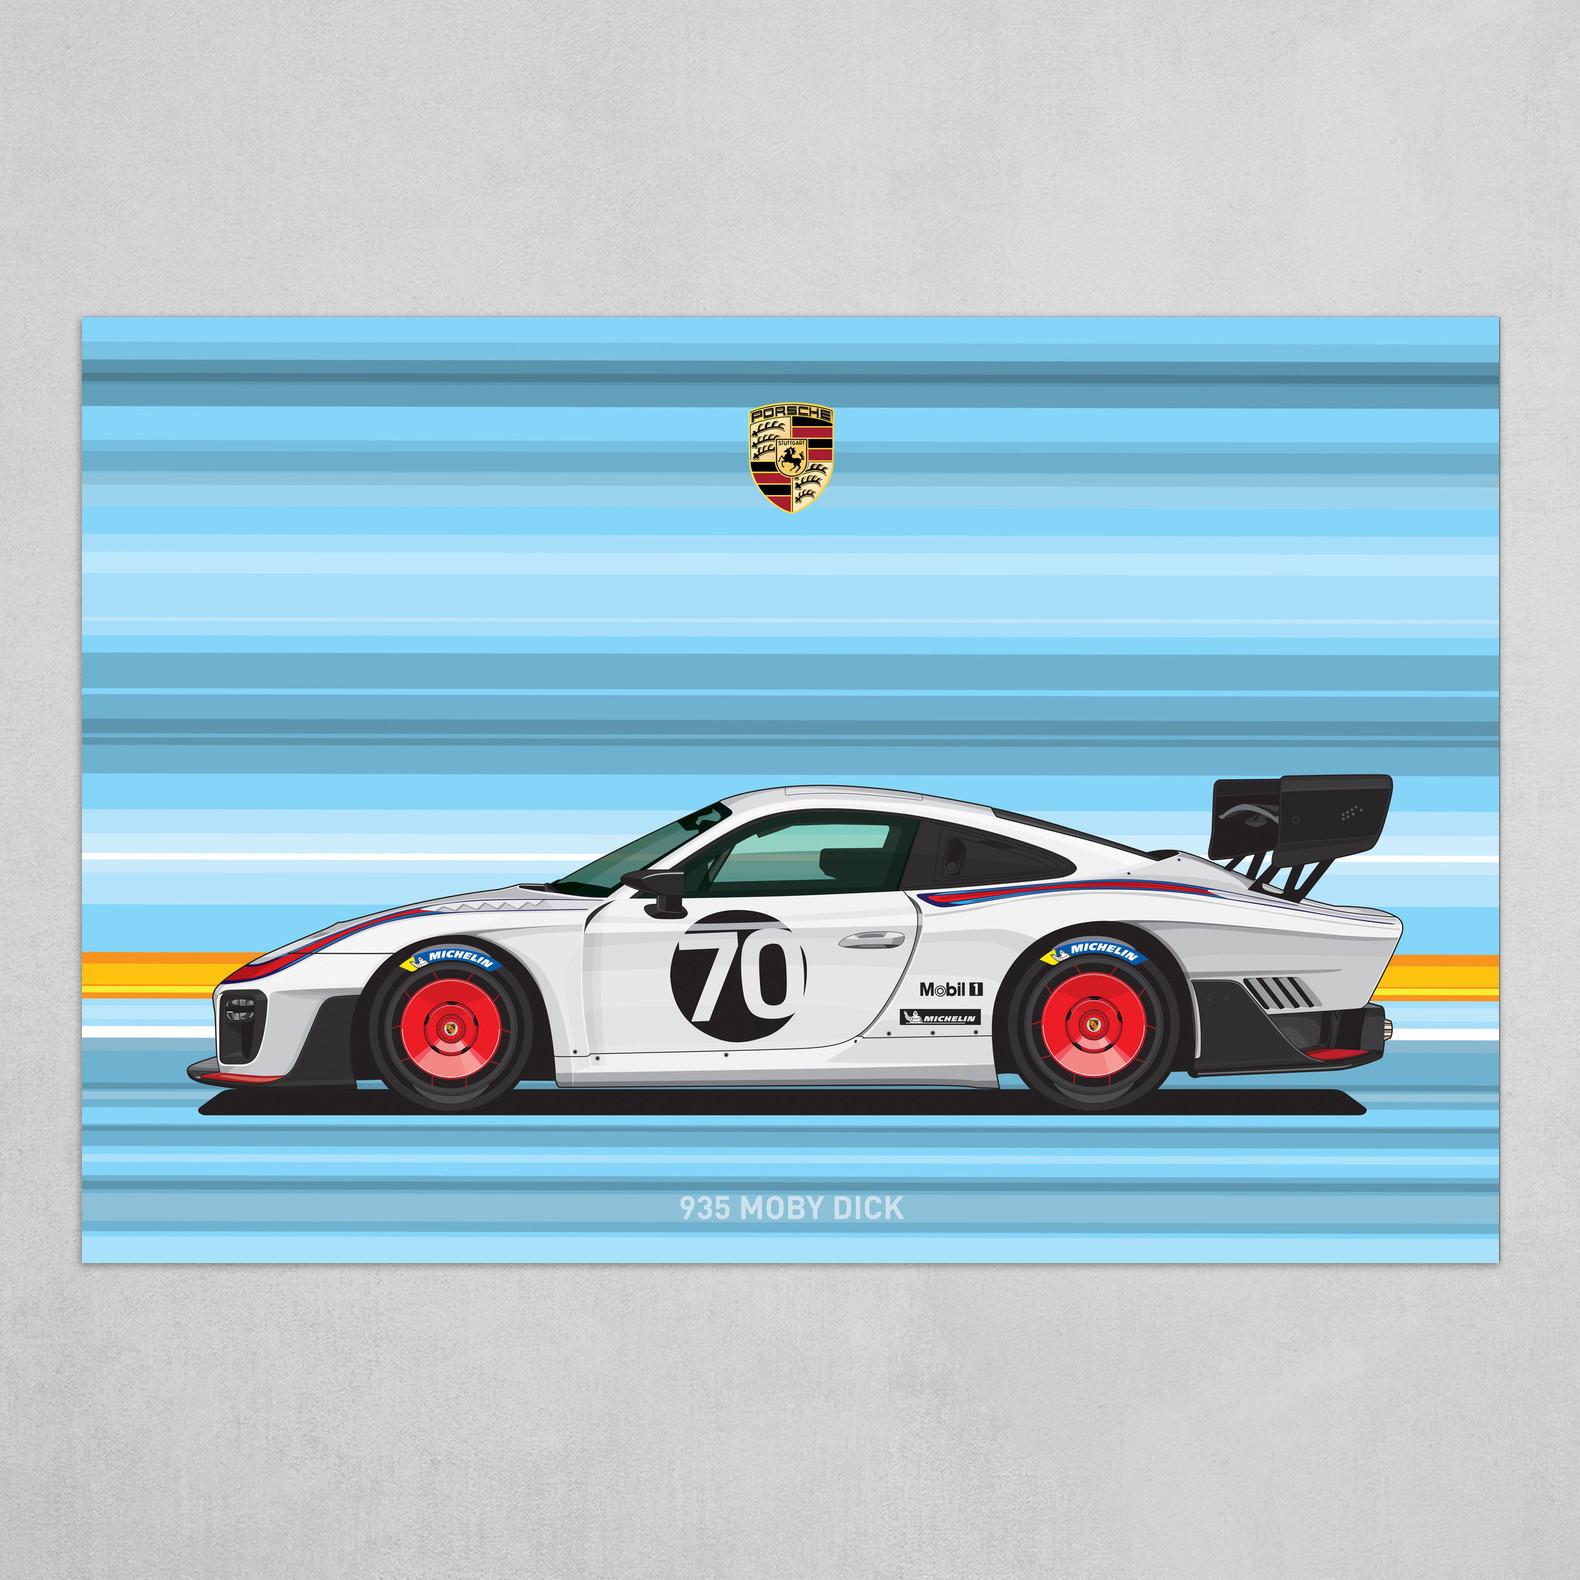 Srattha Nualsate Porsche 935 Car Flat Vector